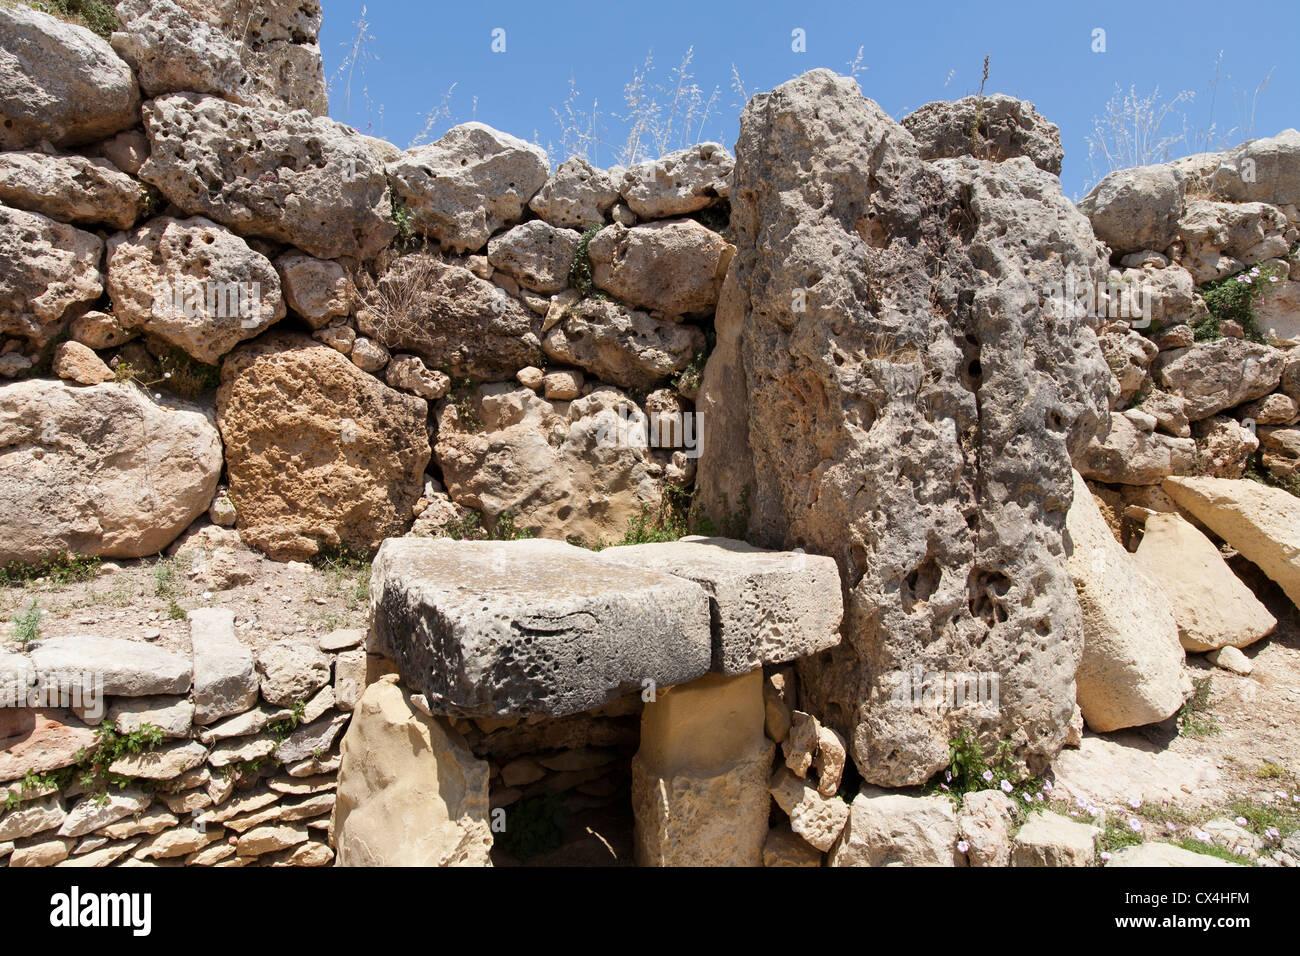 Altare dei blocchi in corrispondenza dei templi di Ggantija vicino Xagha, isola di Gozo, vicino a Malta, Mare Mediterraneo. Immagini Stock